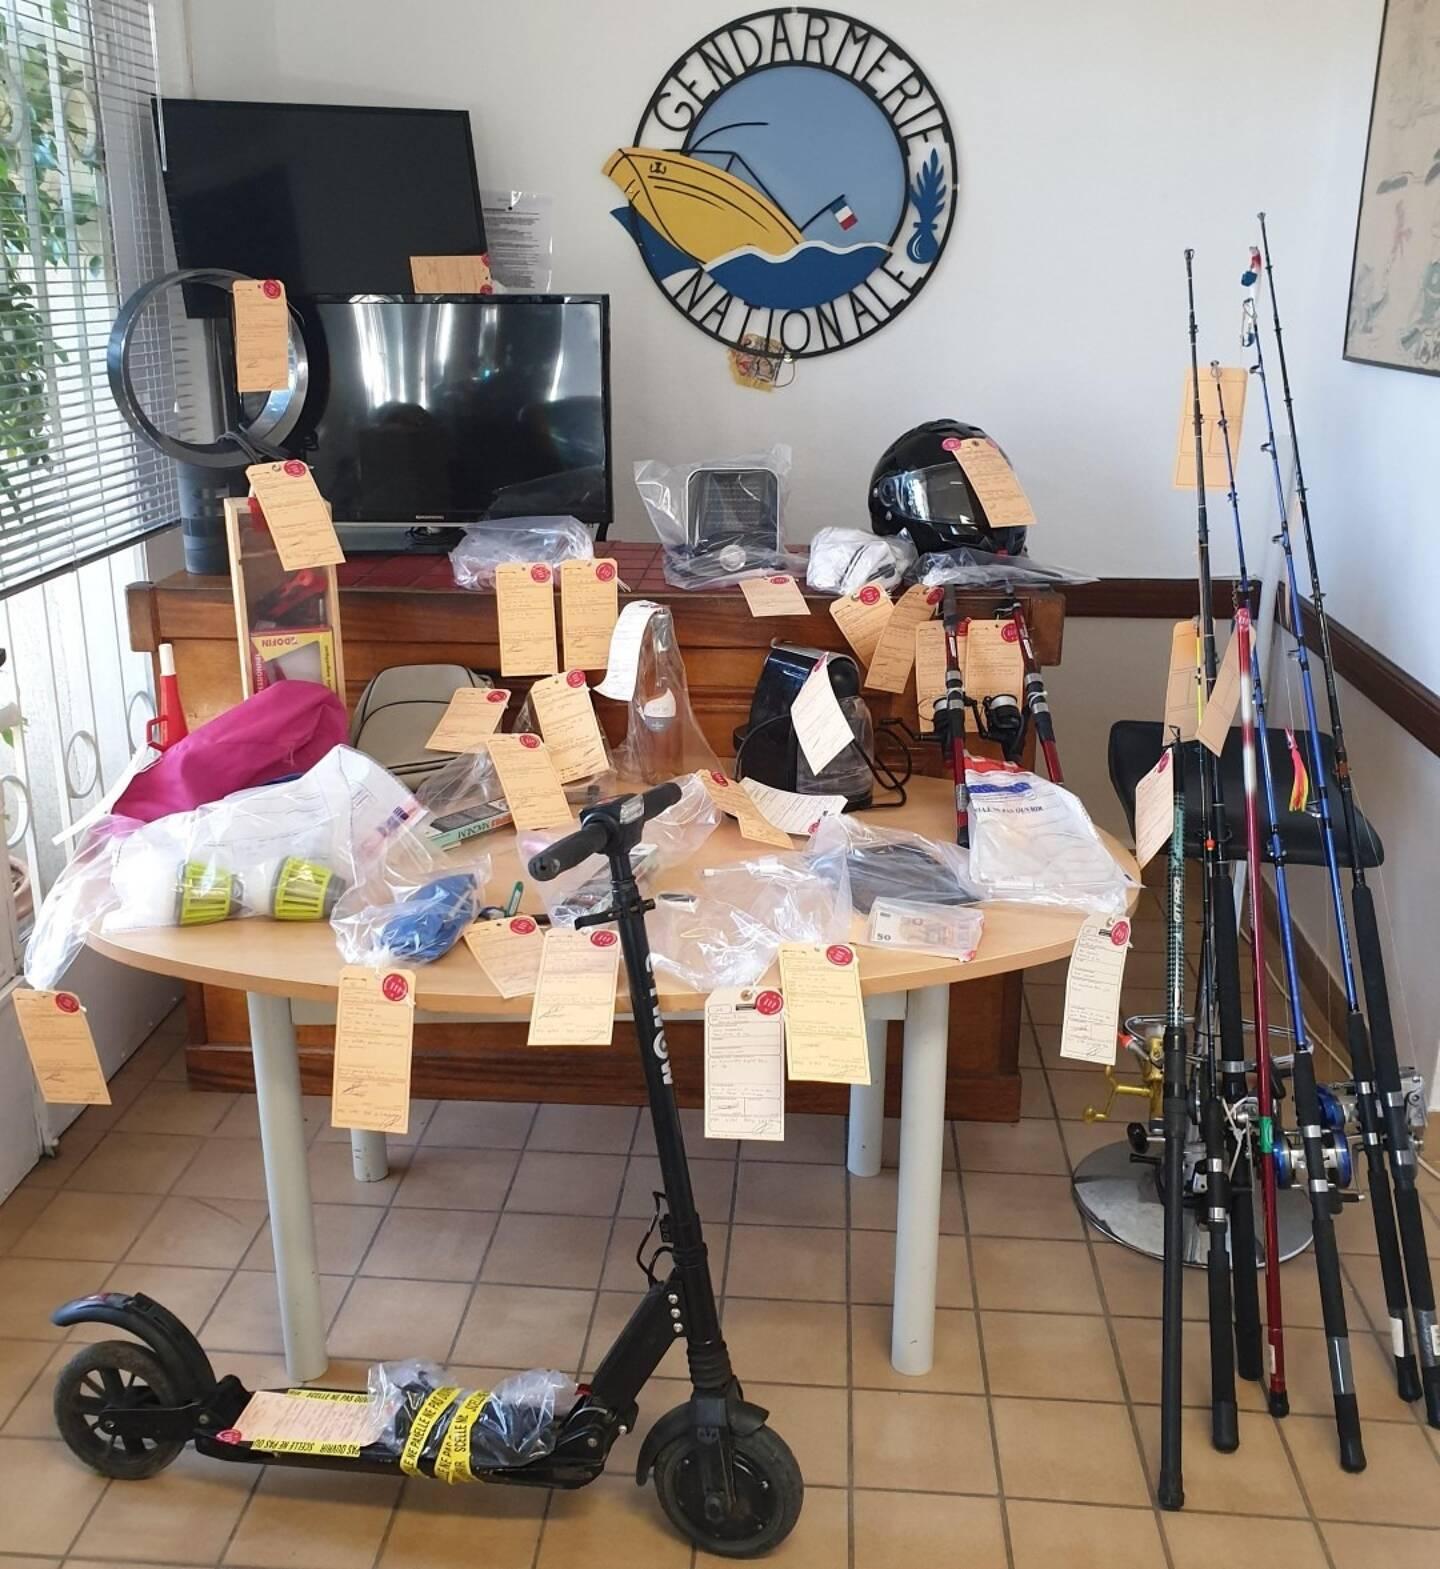 Des objets volés retrouvés en perquisition.